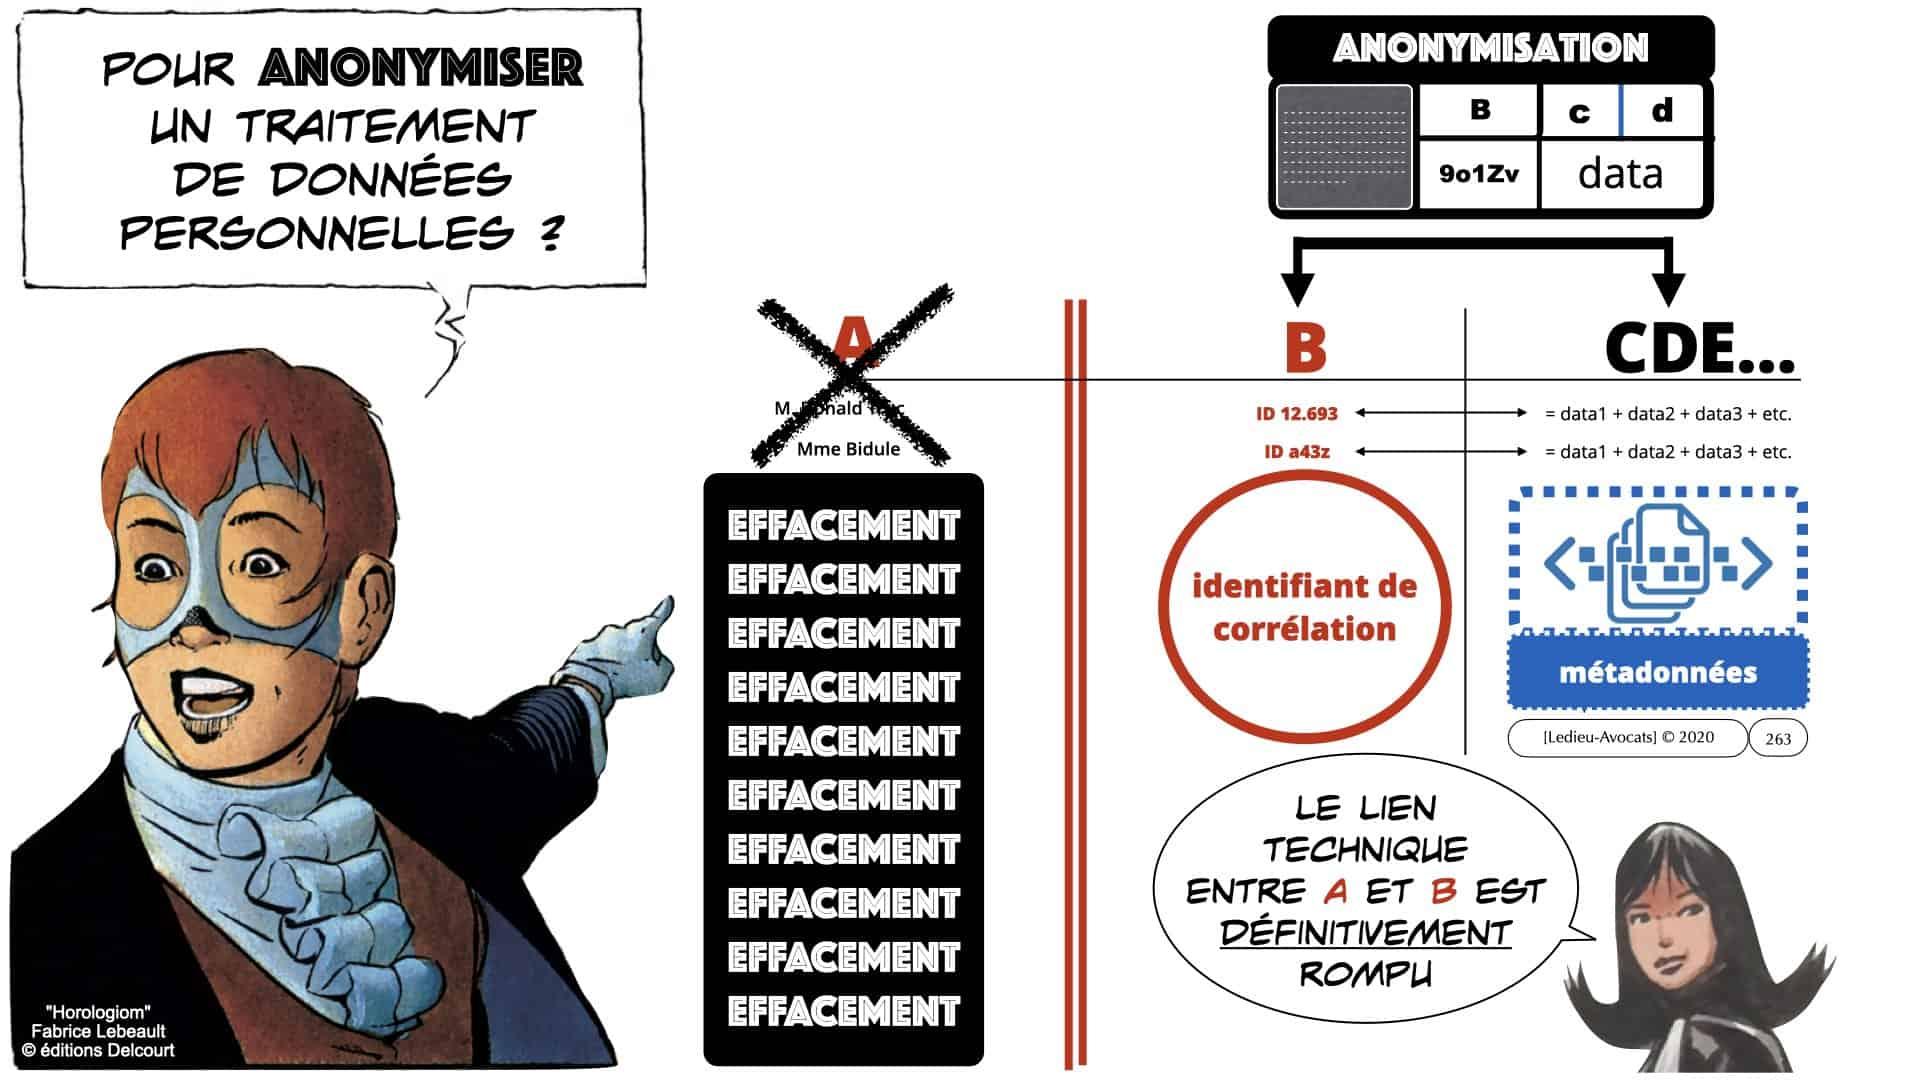 RGPD e-Privacy données personnelles jurisprudence formation Lamy Les Echos 10-02-2021 ©Ledieu-Avocats.263